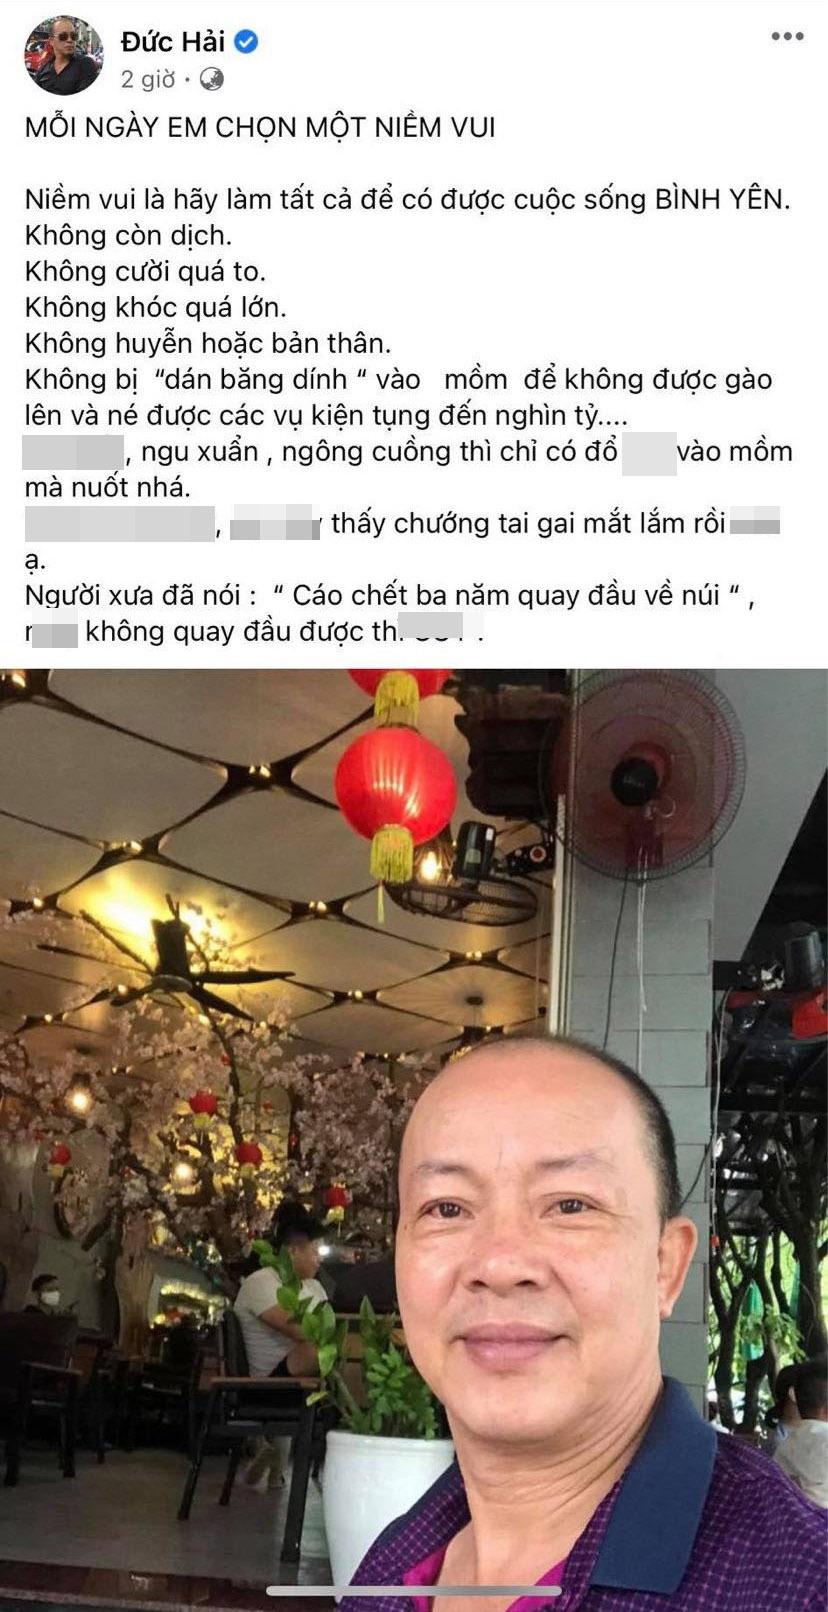 Duc Hai 1